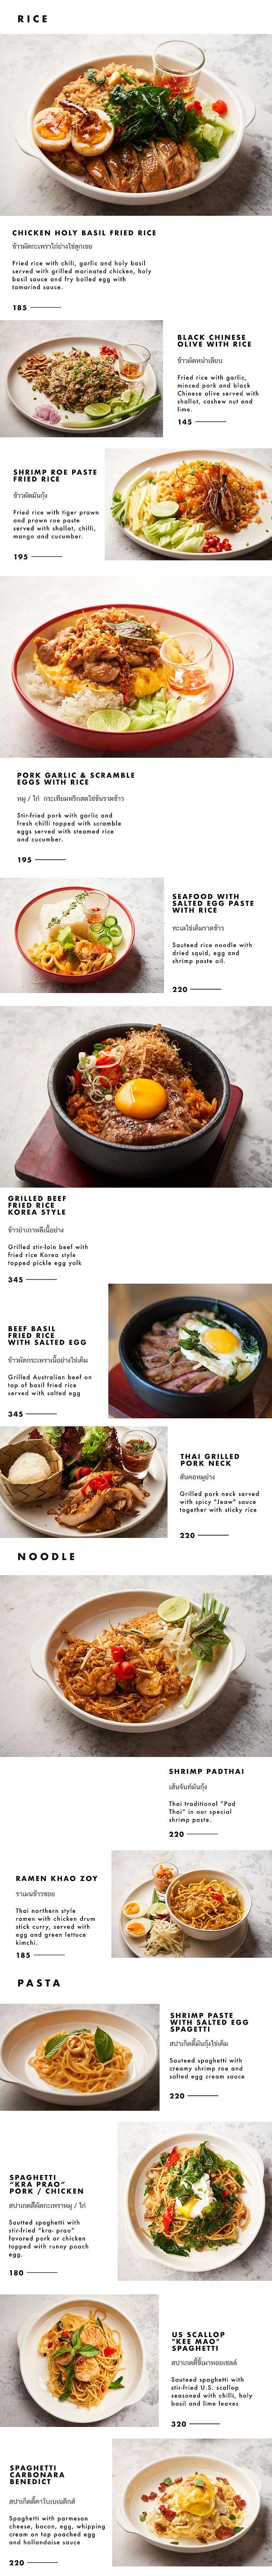 Food Menu02.jpg